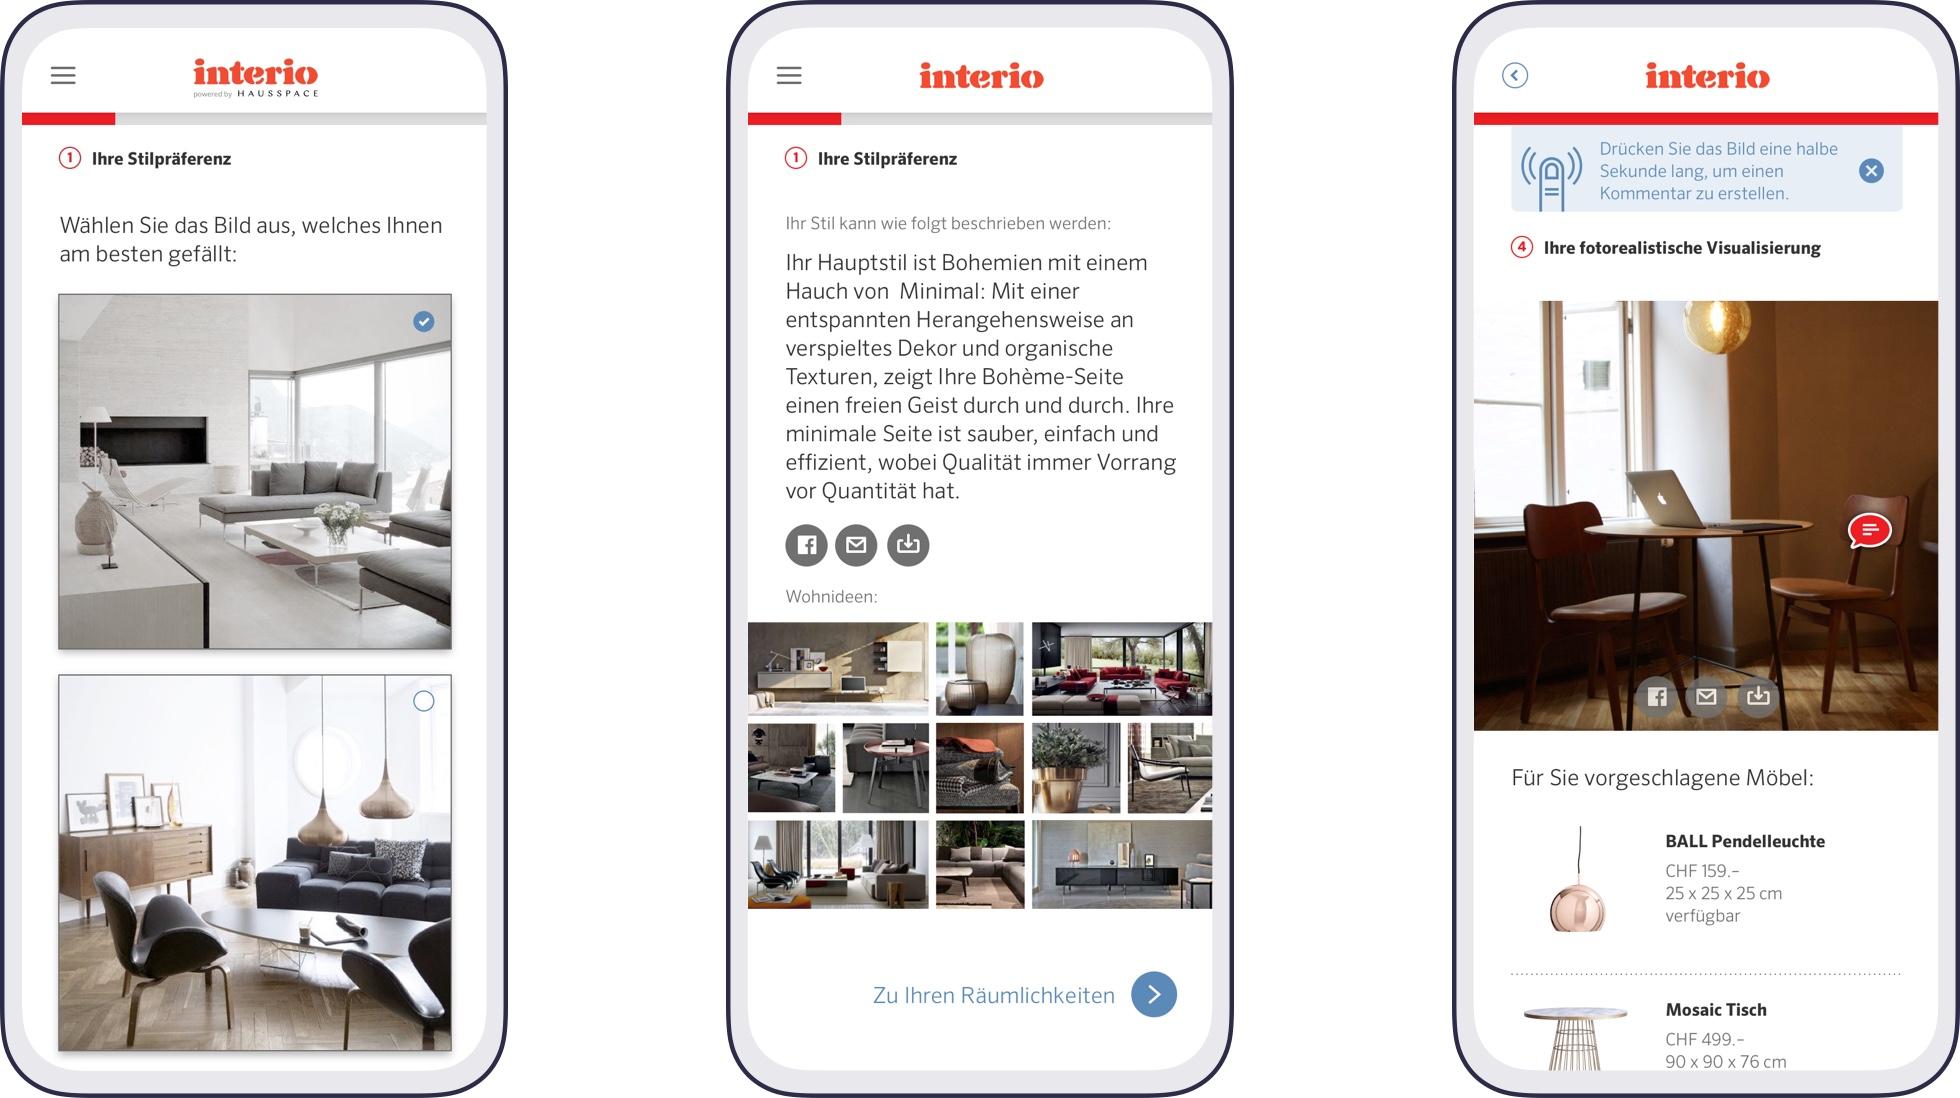 Screenshots of the interior design advisory app